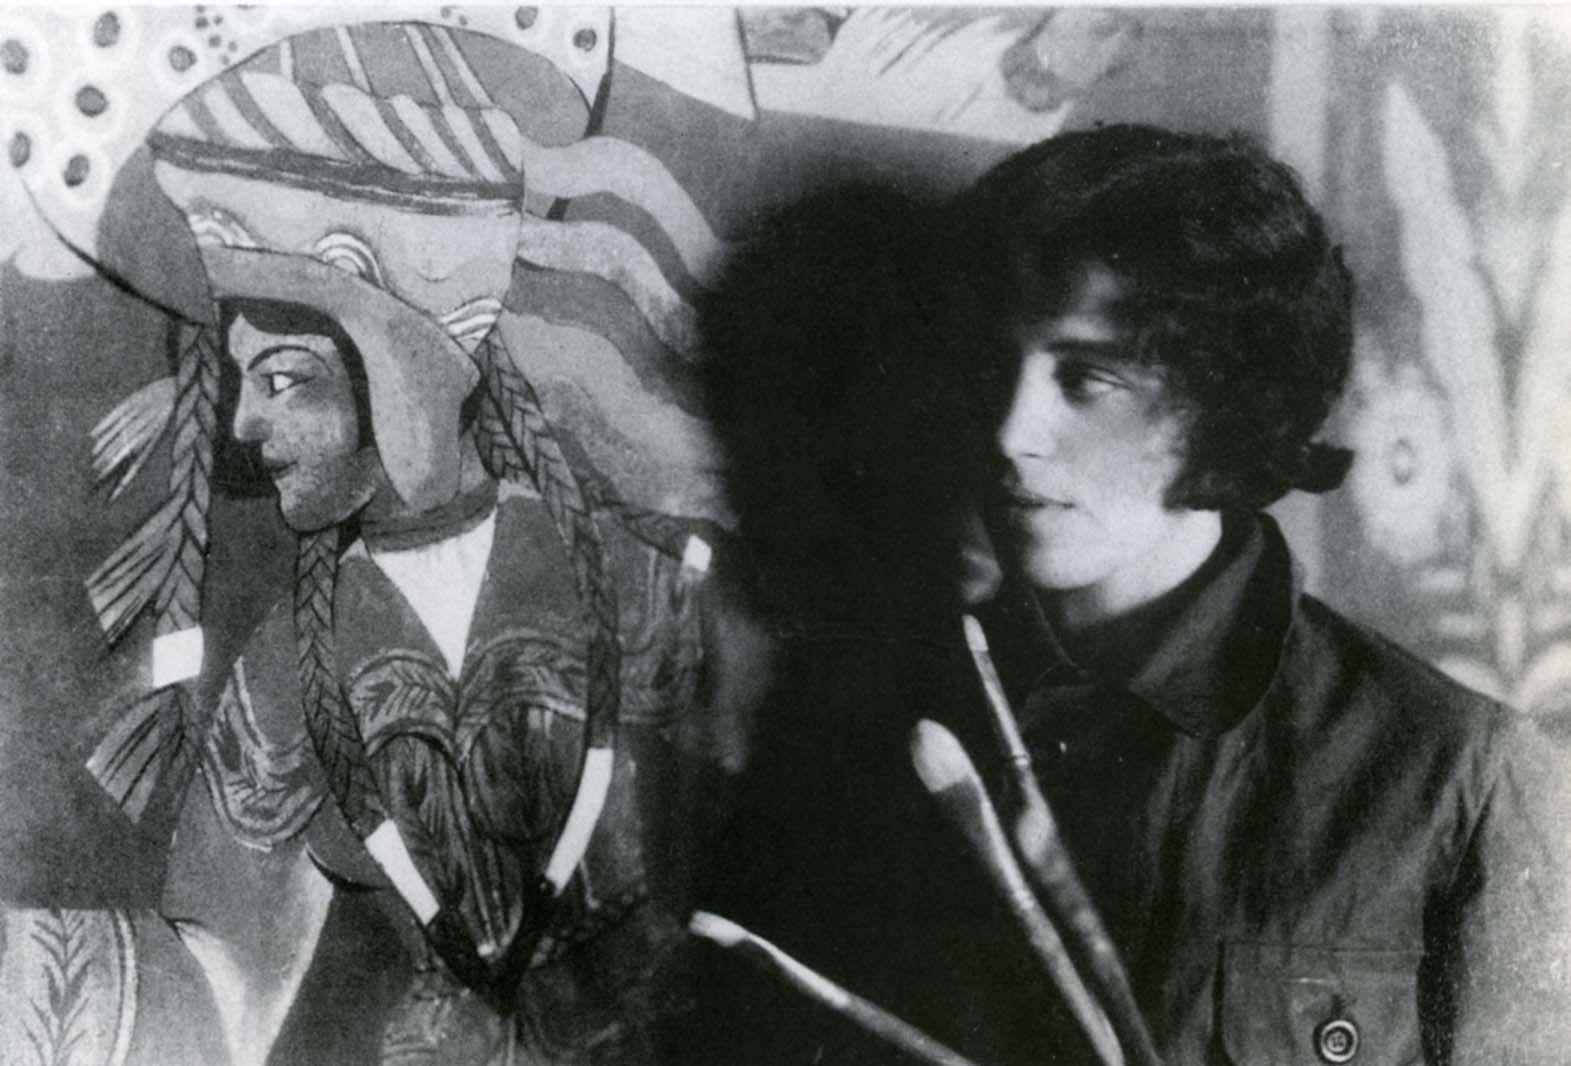 Zofia Stryjeńska przy pracy nad panneau do pawilonu polskiego na Międzynarodową Wystawę Sztuk Dekoracyjnych i Przemysłu Współczesnego w Paryżu, 1925 r. (fot. archiwum rodziny Stryjeńskich)